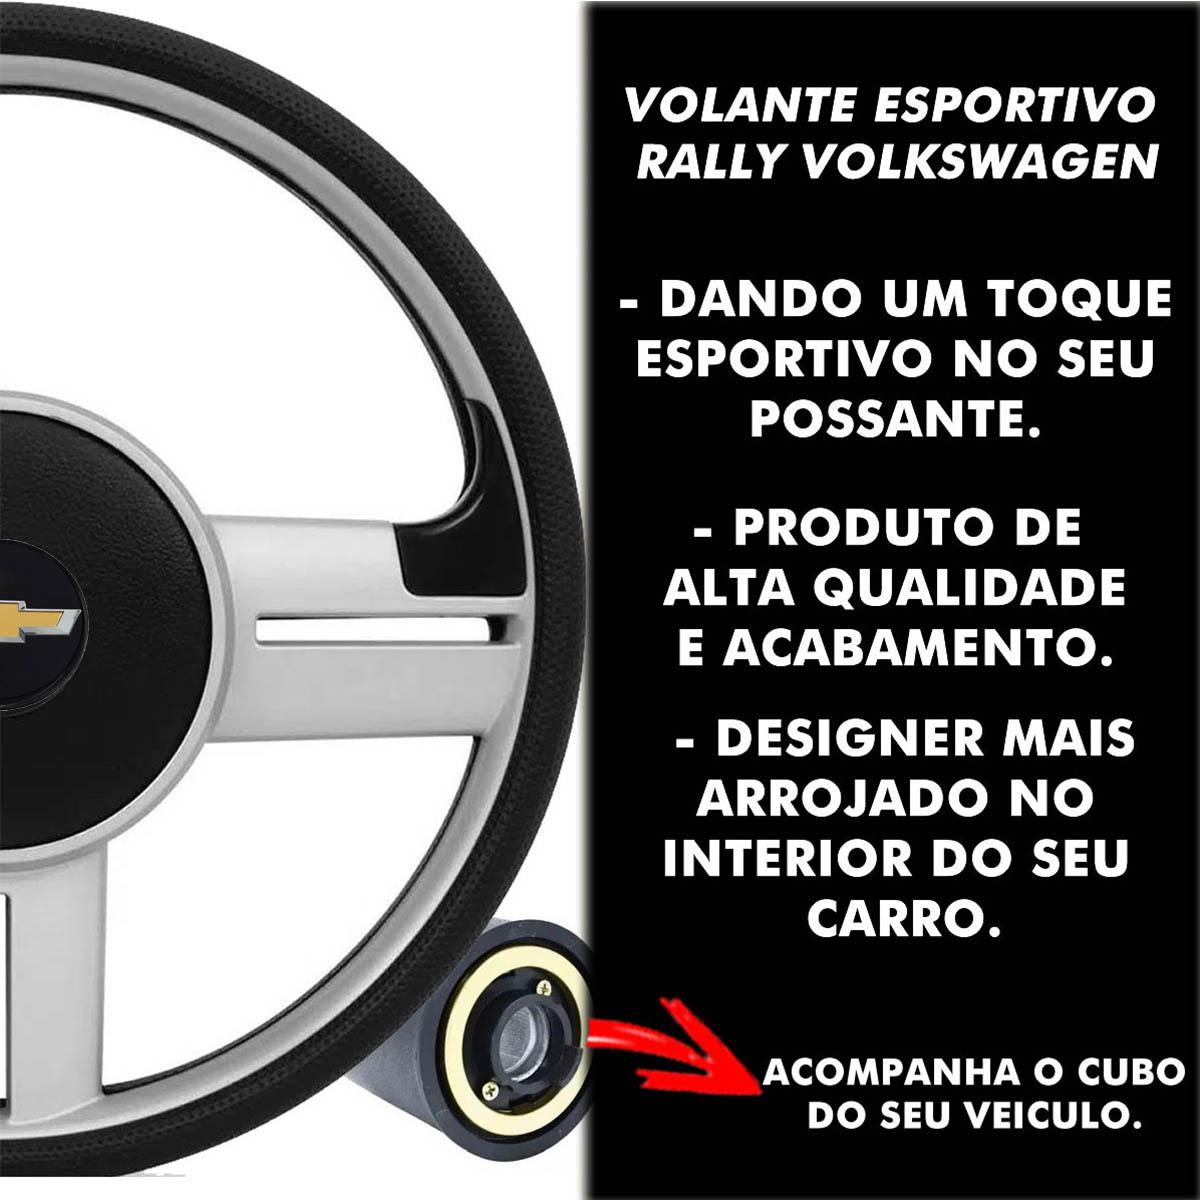 Volante Chevrolet Surf Rallye Esportivo Cubo Corsa Classic Wind Premium Joy Max 1994 a 2013 Celta Poliparts